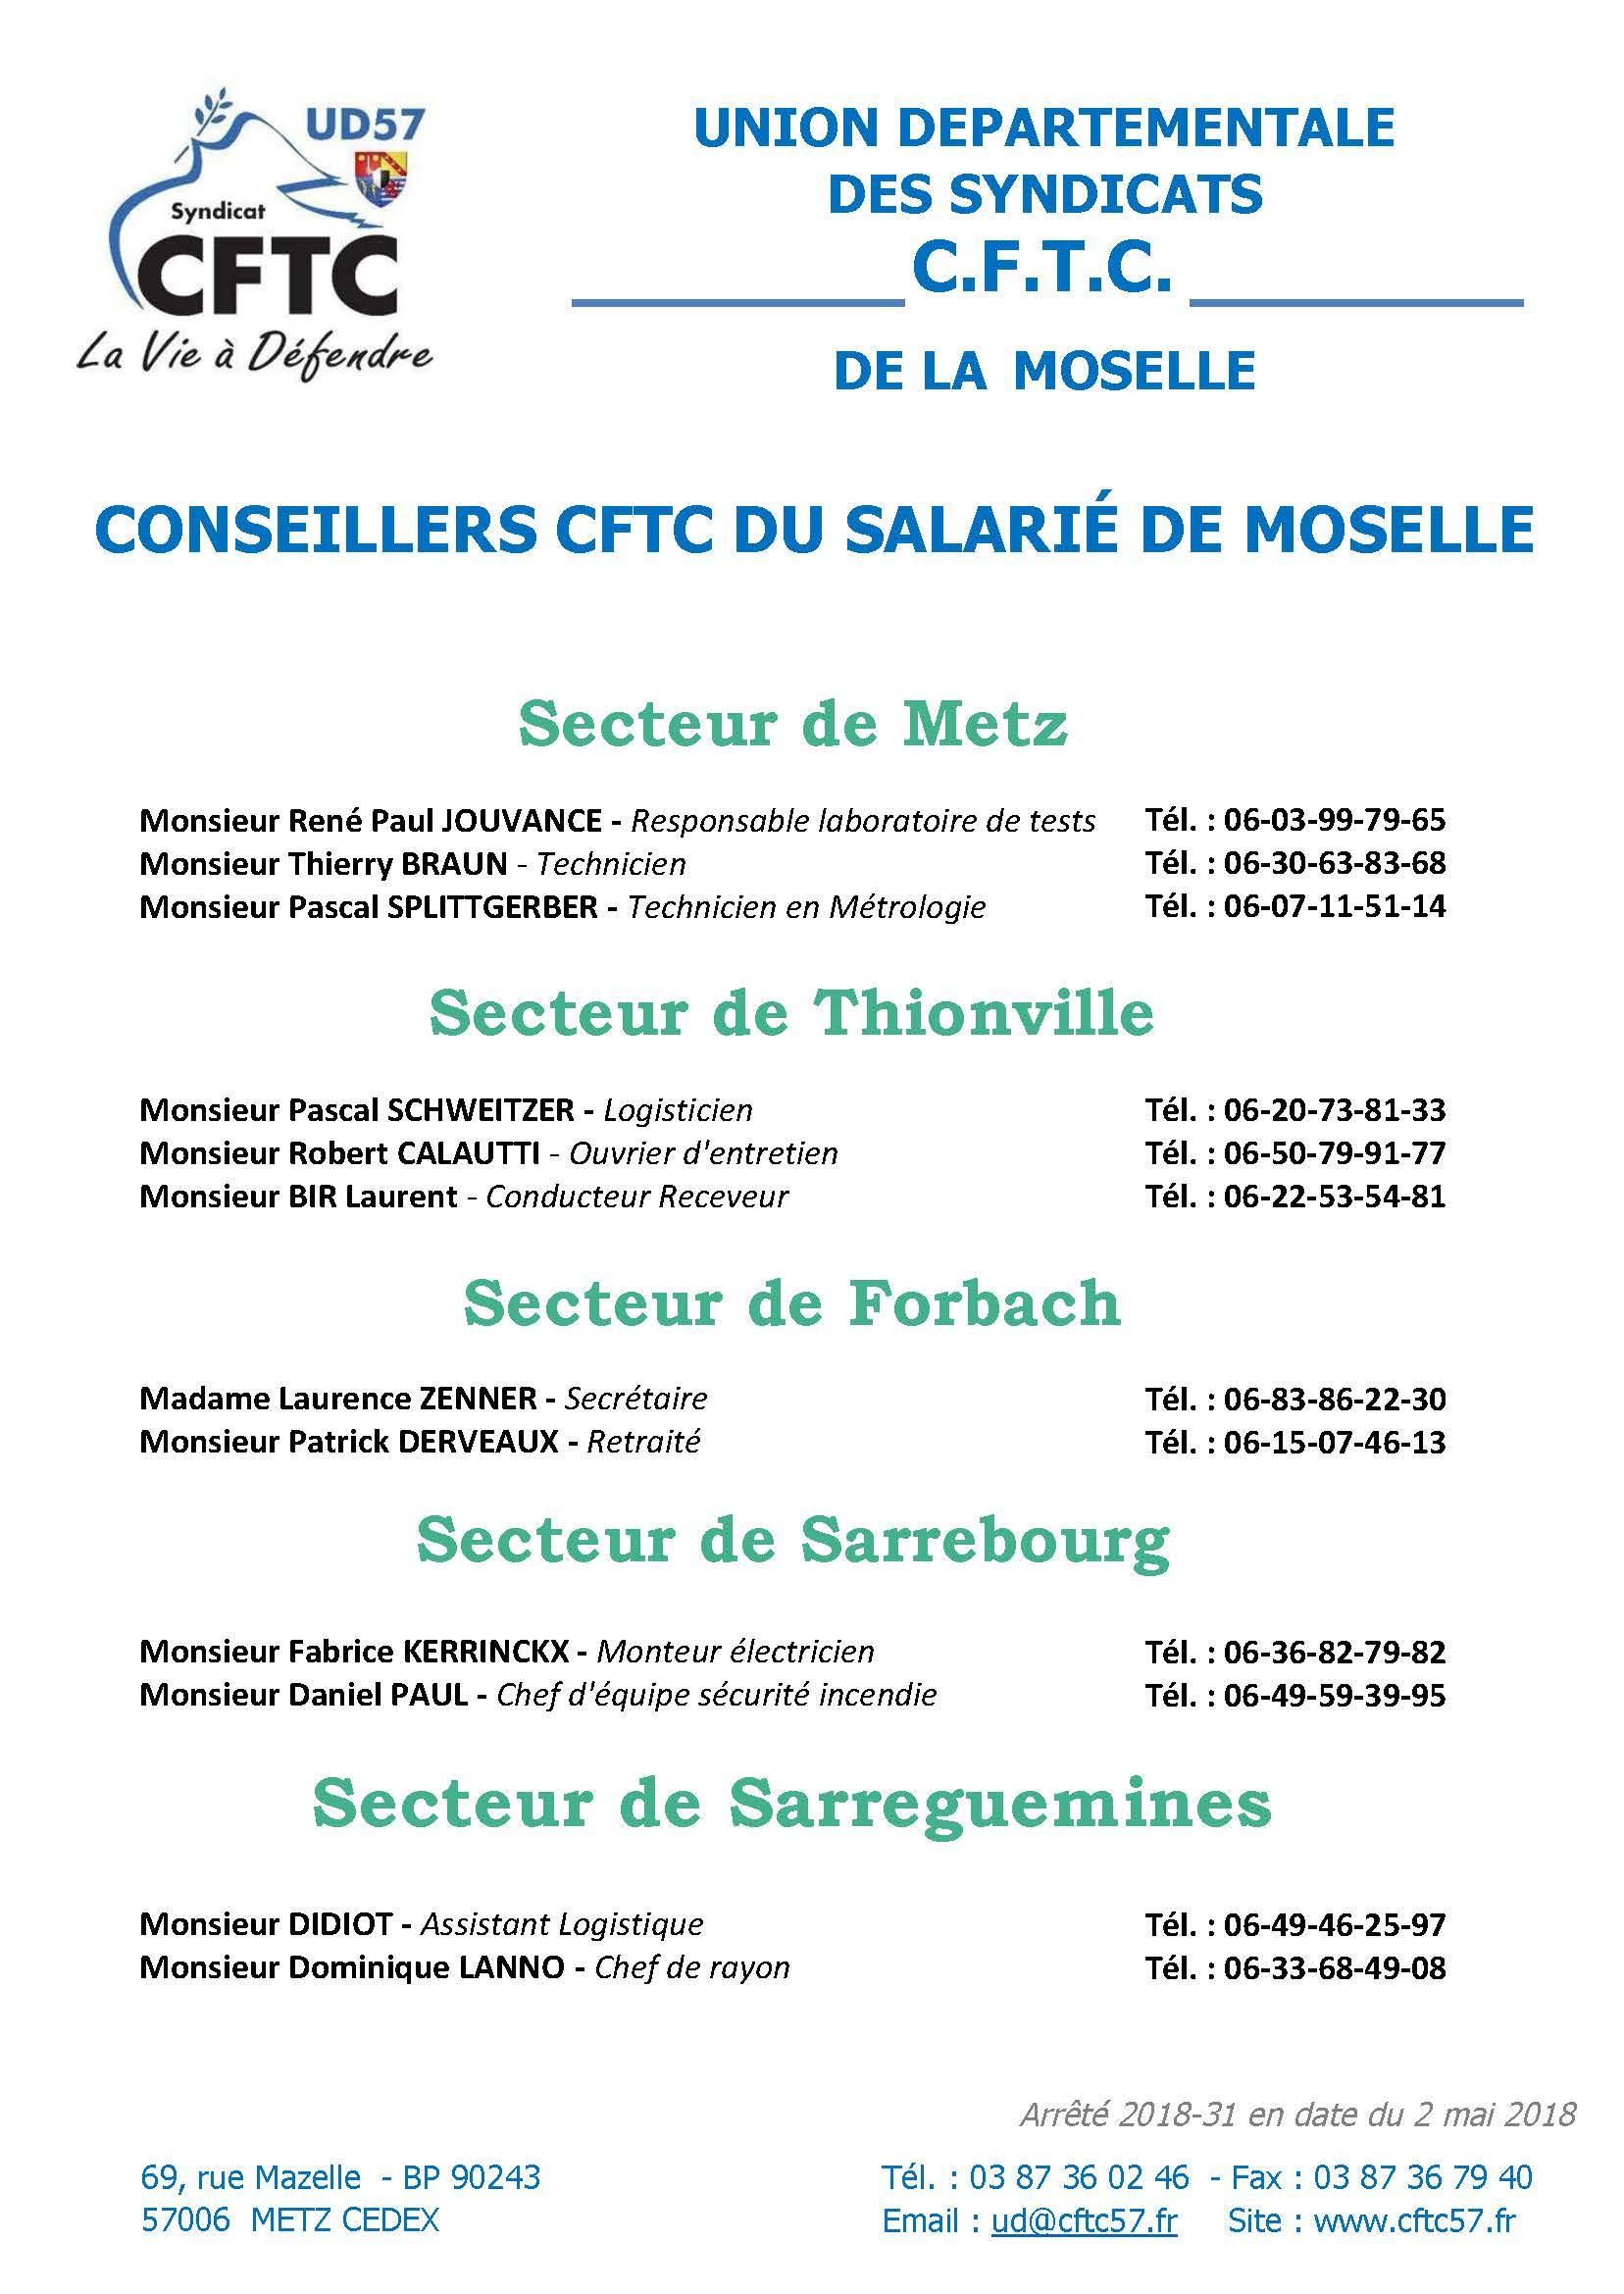 Les Conseillers Du Salarie Cftc Cftc Union Departementale 57